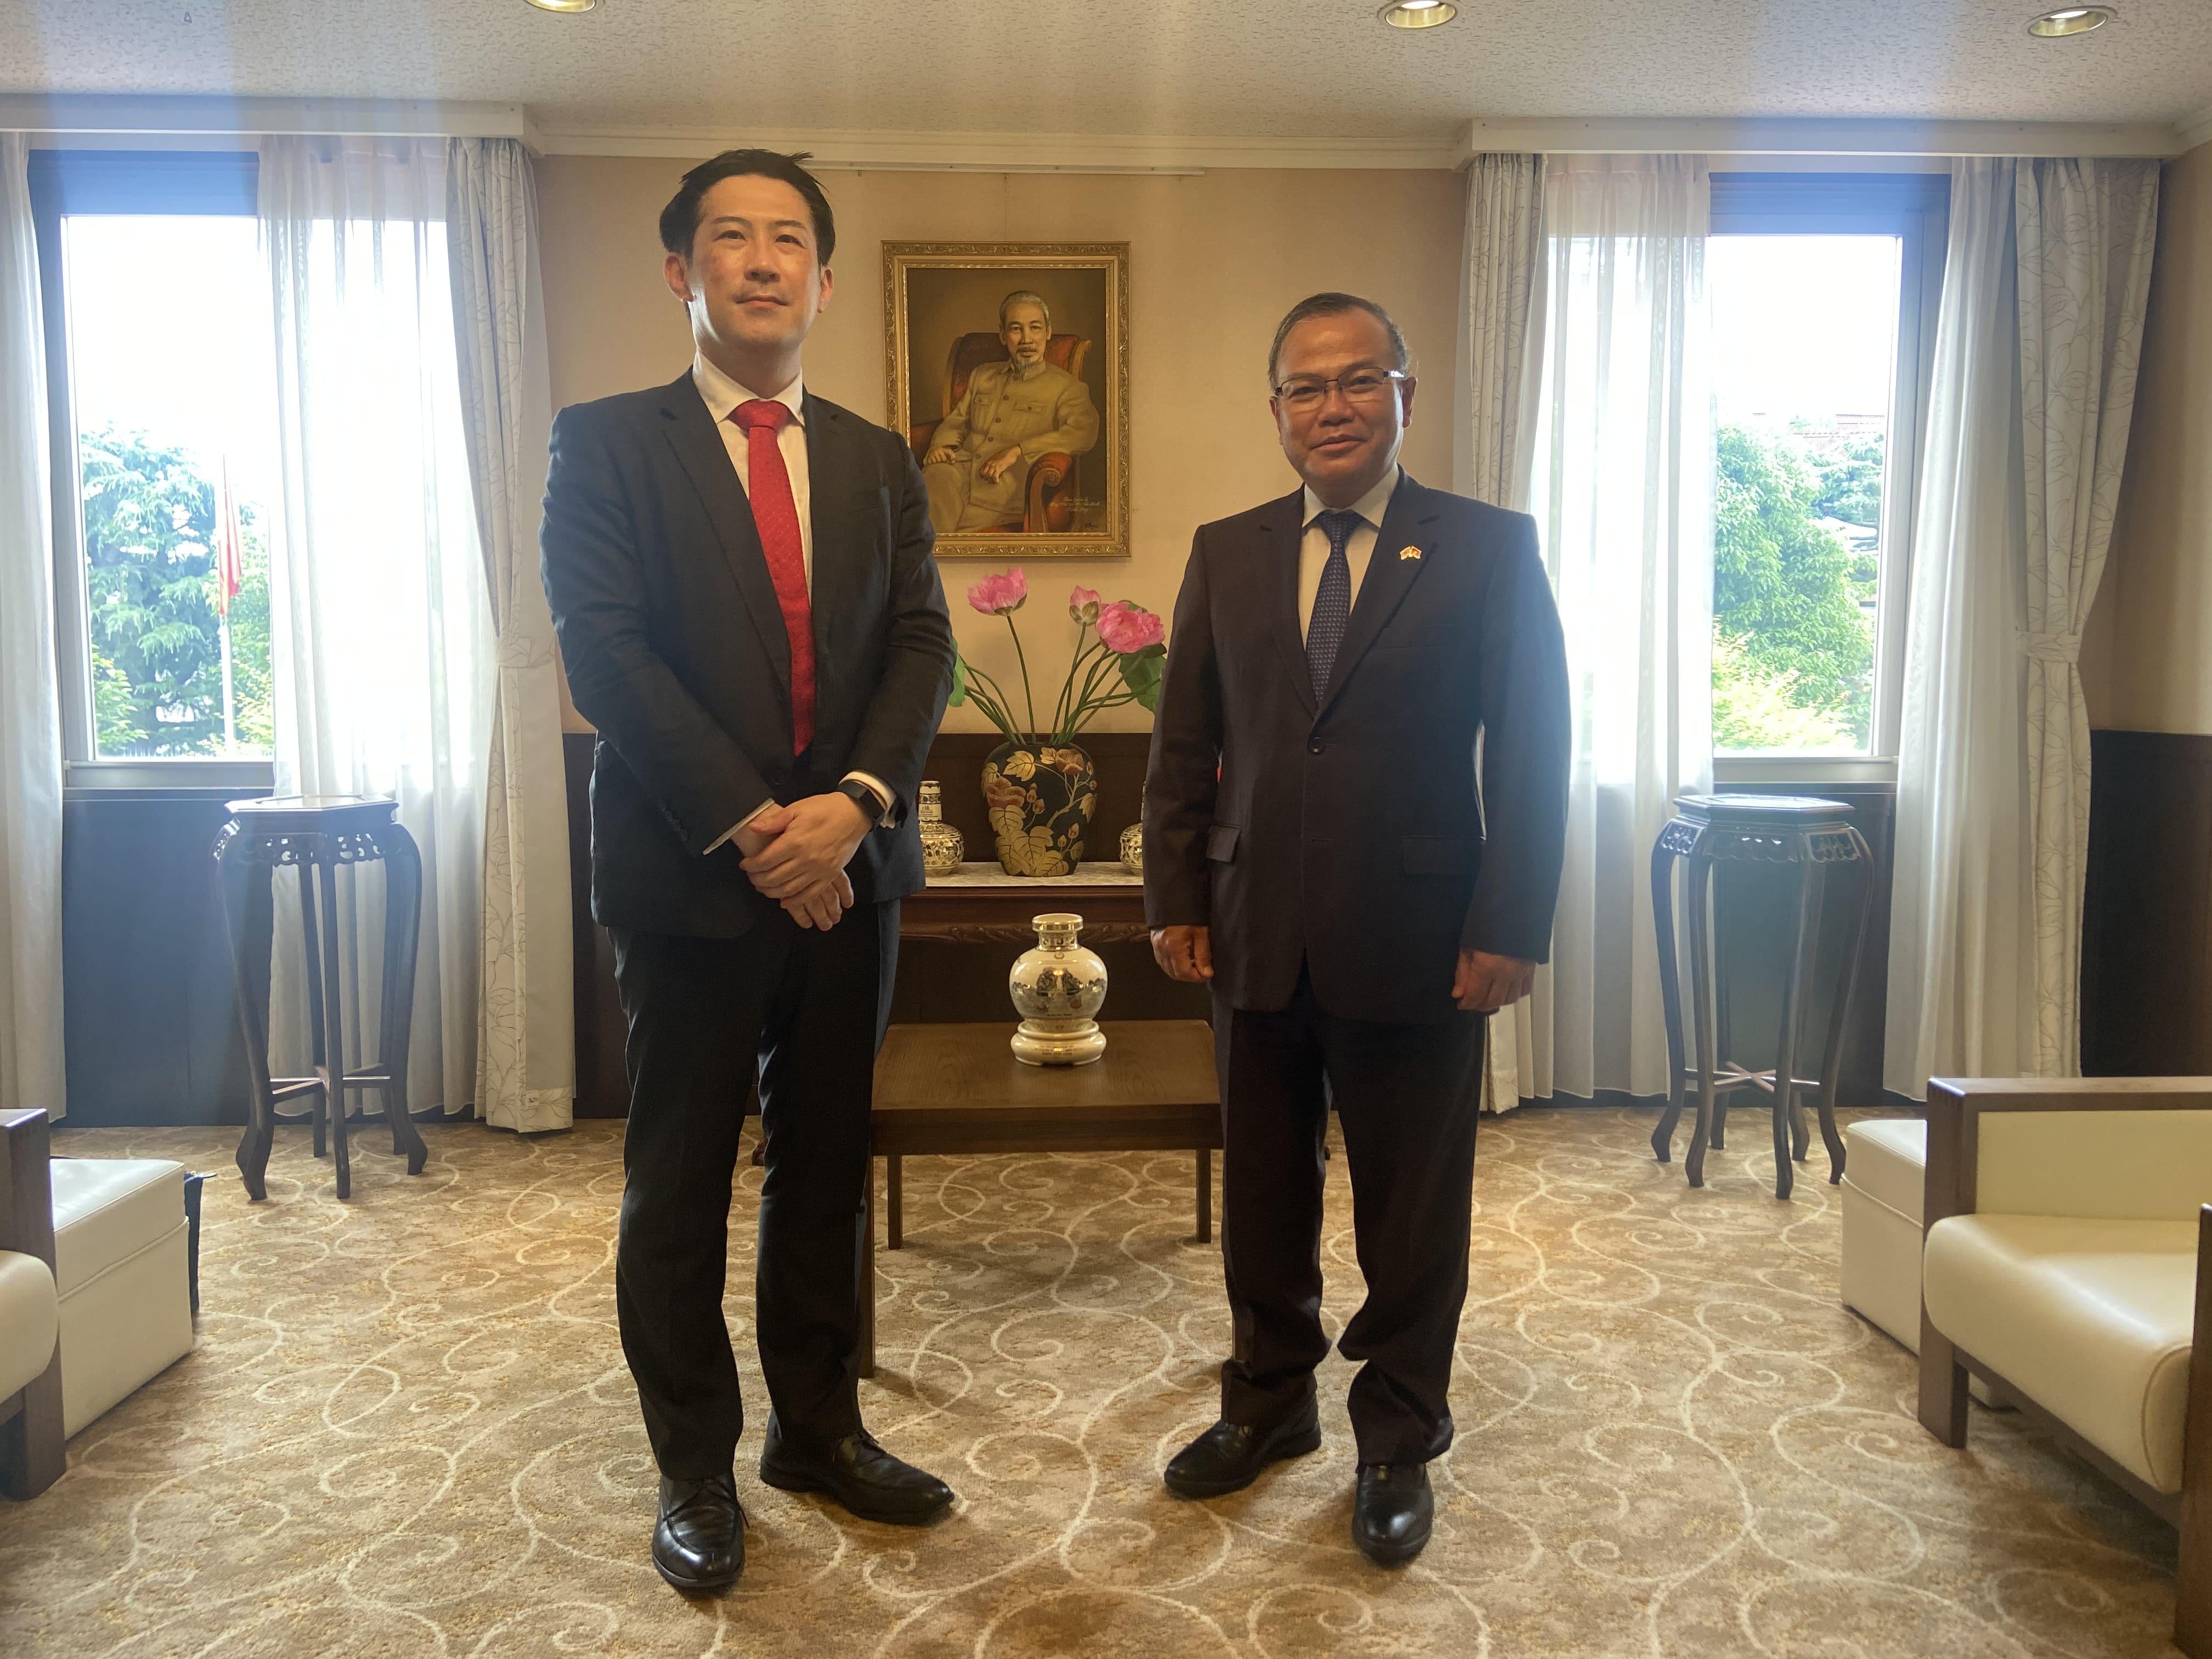 Đại sứ Vũ Hồng Nam tiếp Trưởng chi nhánh ngân hàng Mizuho  tại thành phố Hồ Chí Minh mới được bổ nhiệm